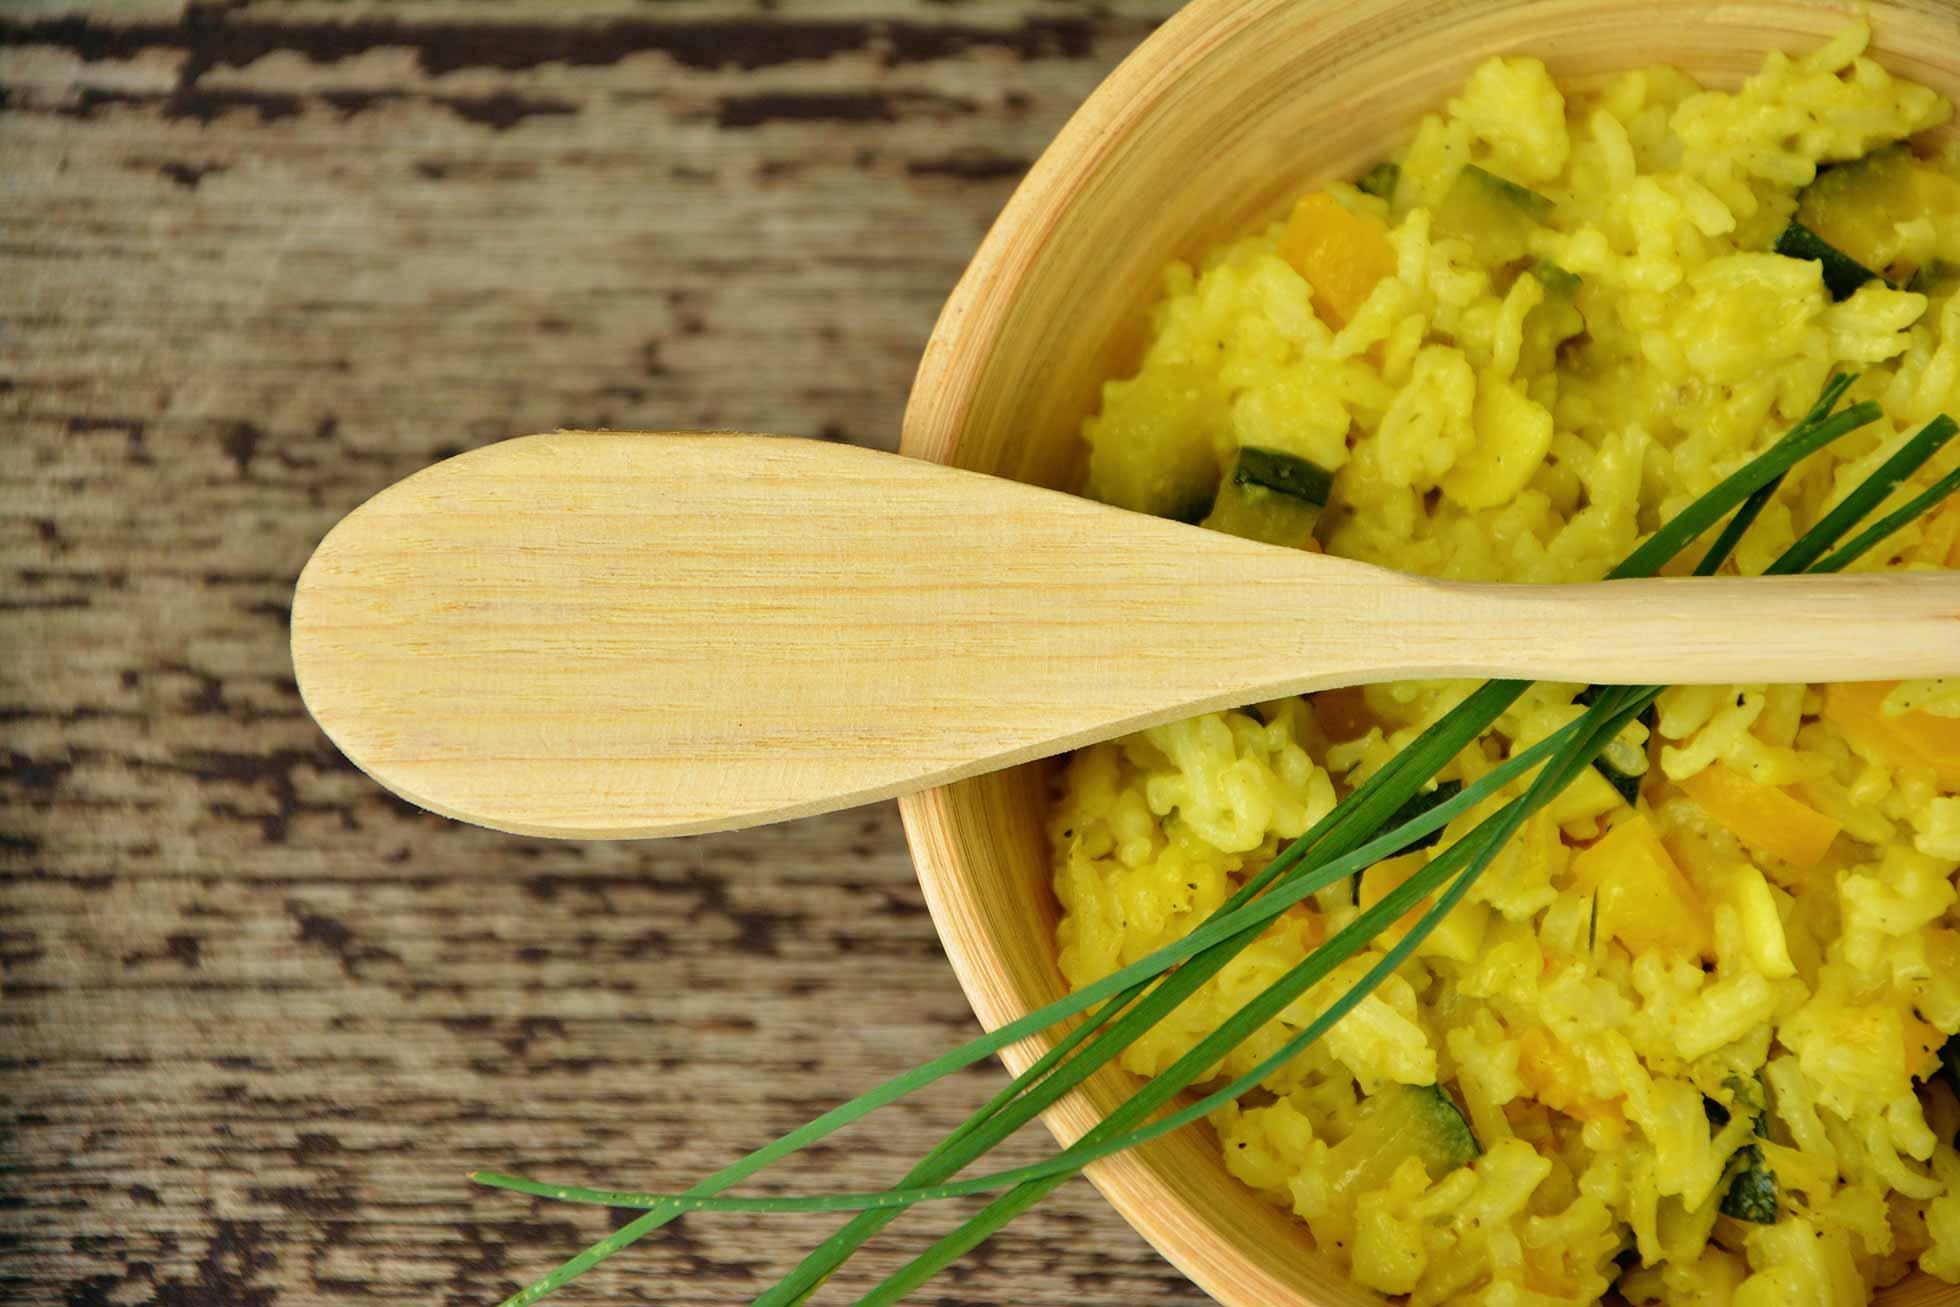 Τι είναι το Parboiled ρύζι και που το χρησιμοποιούμε